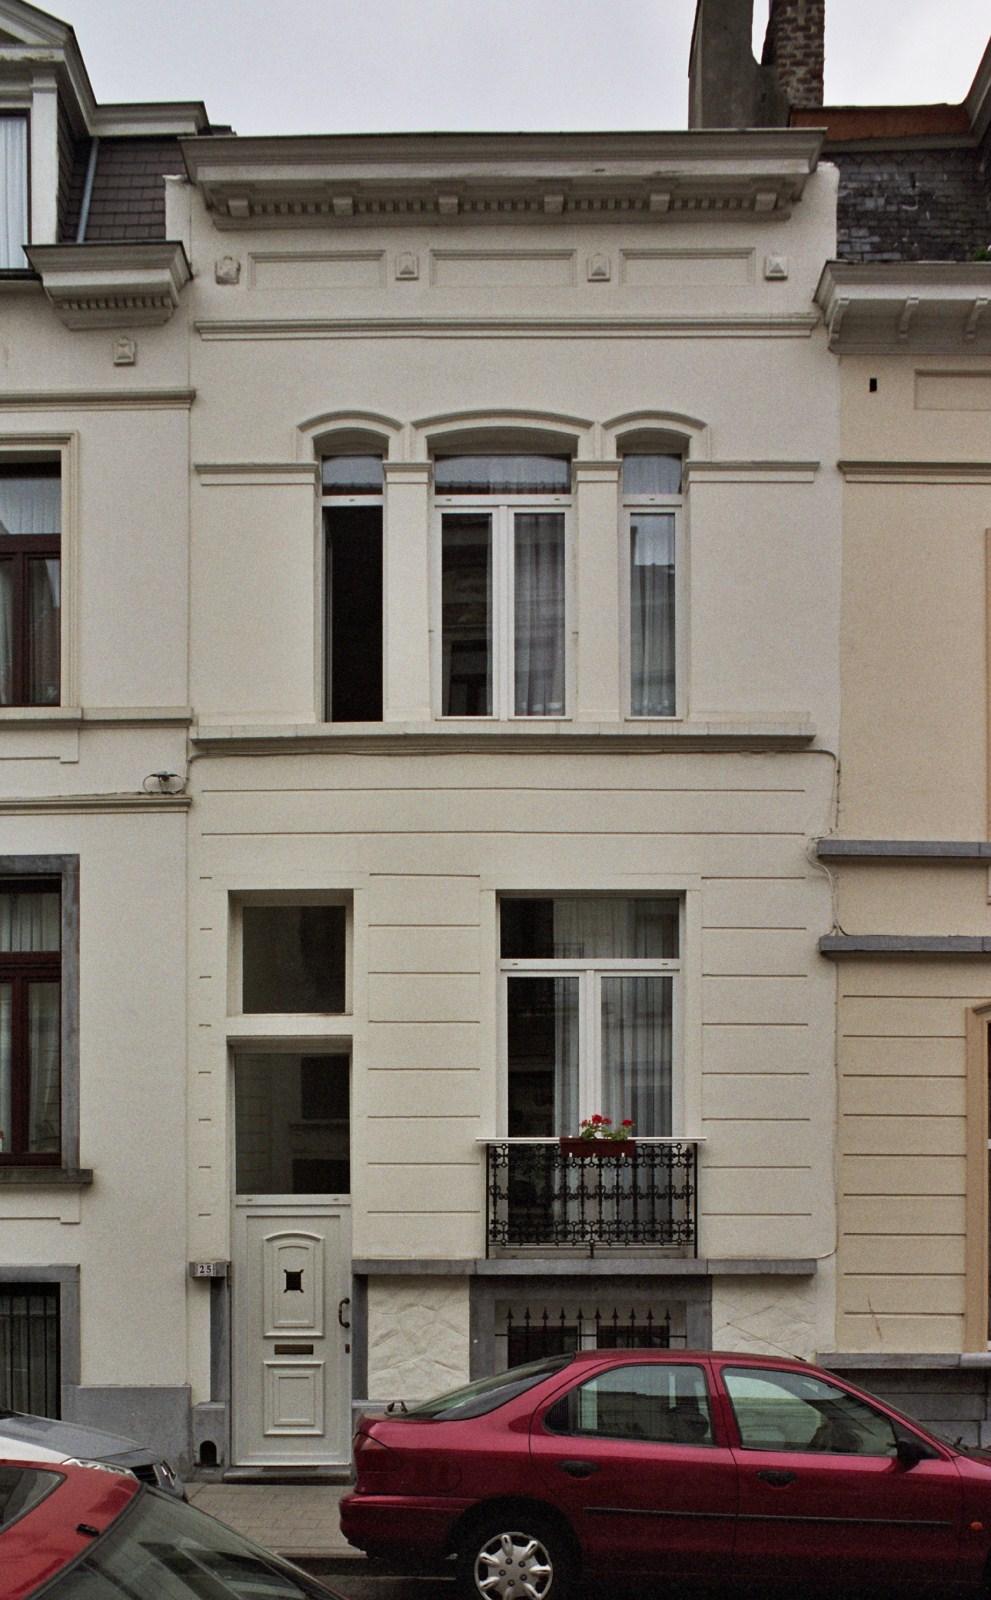 Rue Le Tintoret 25., 2008